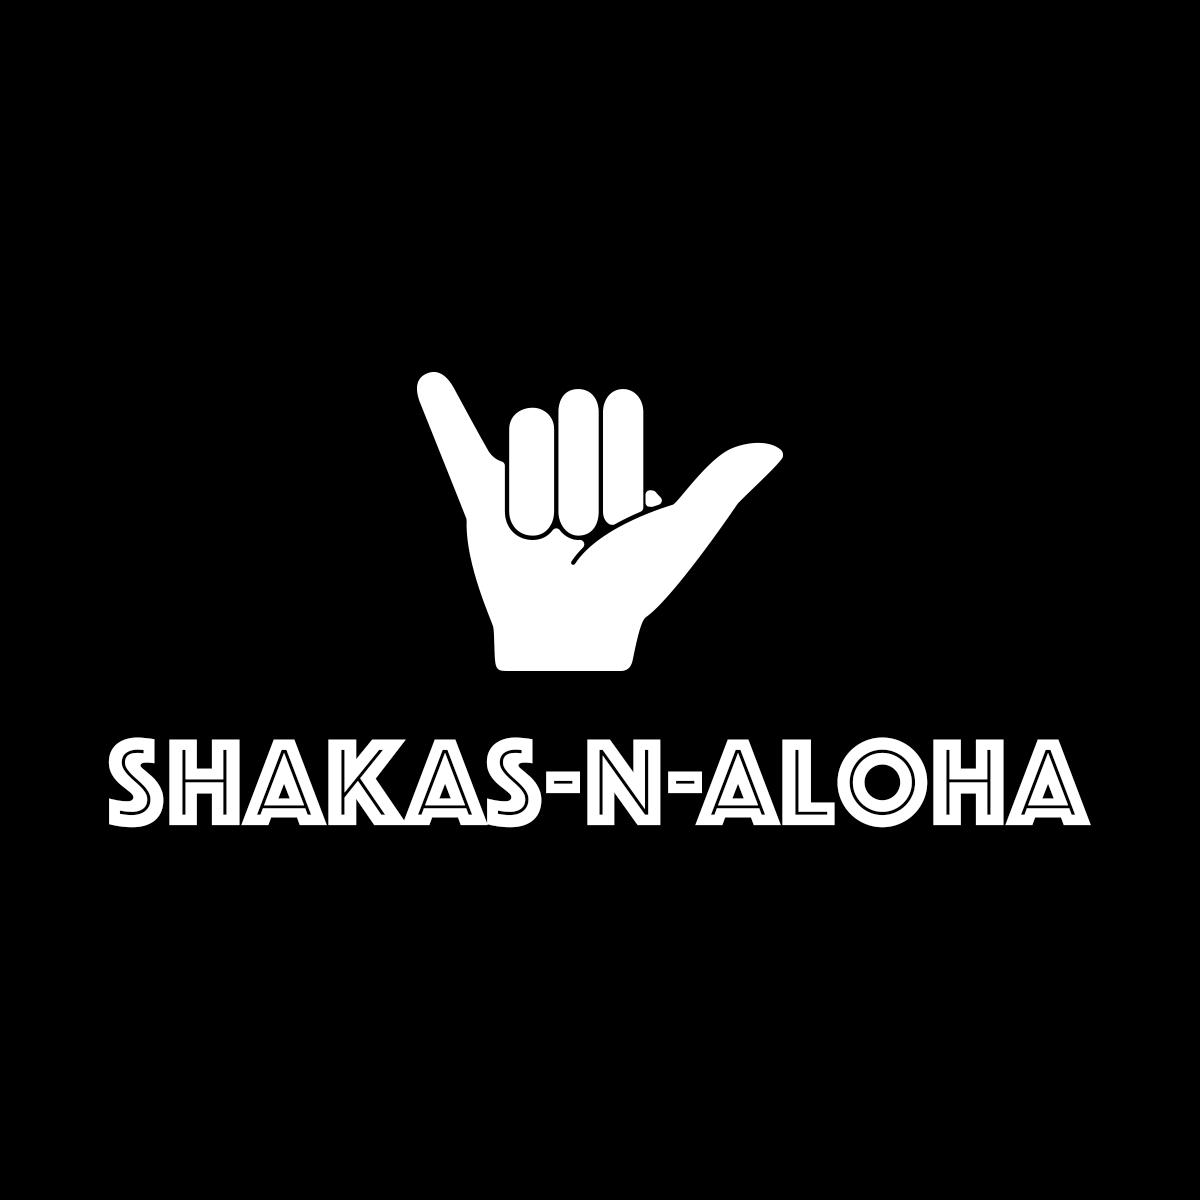 Shakas-n-Aloha